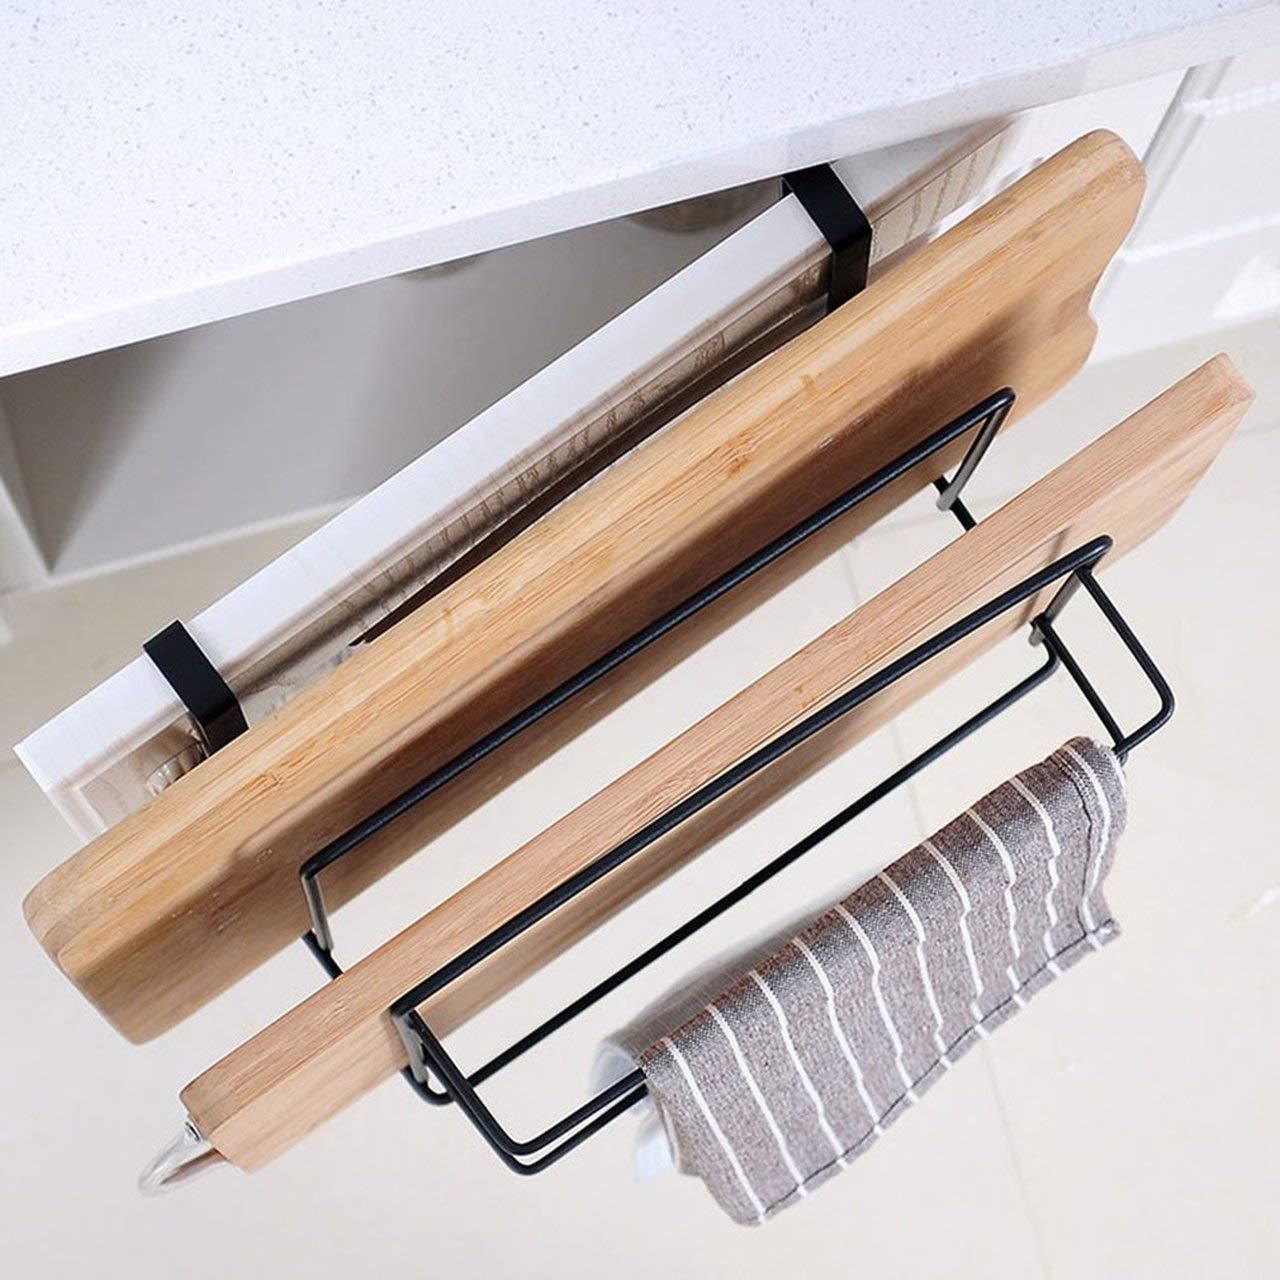 Heaviesk T Perforaci/ón libre colgar en la pared tabla de cortar estante estante gabinete tablero estante de almacenamiento cocina estante tablero de estante estante